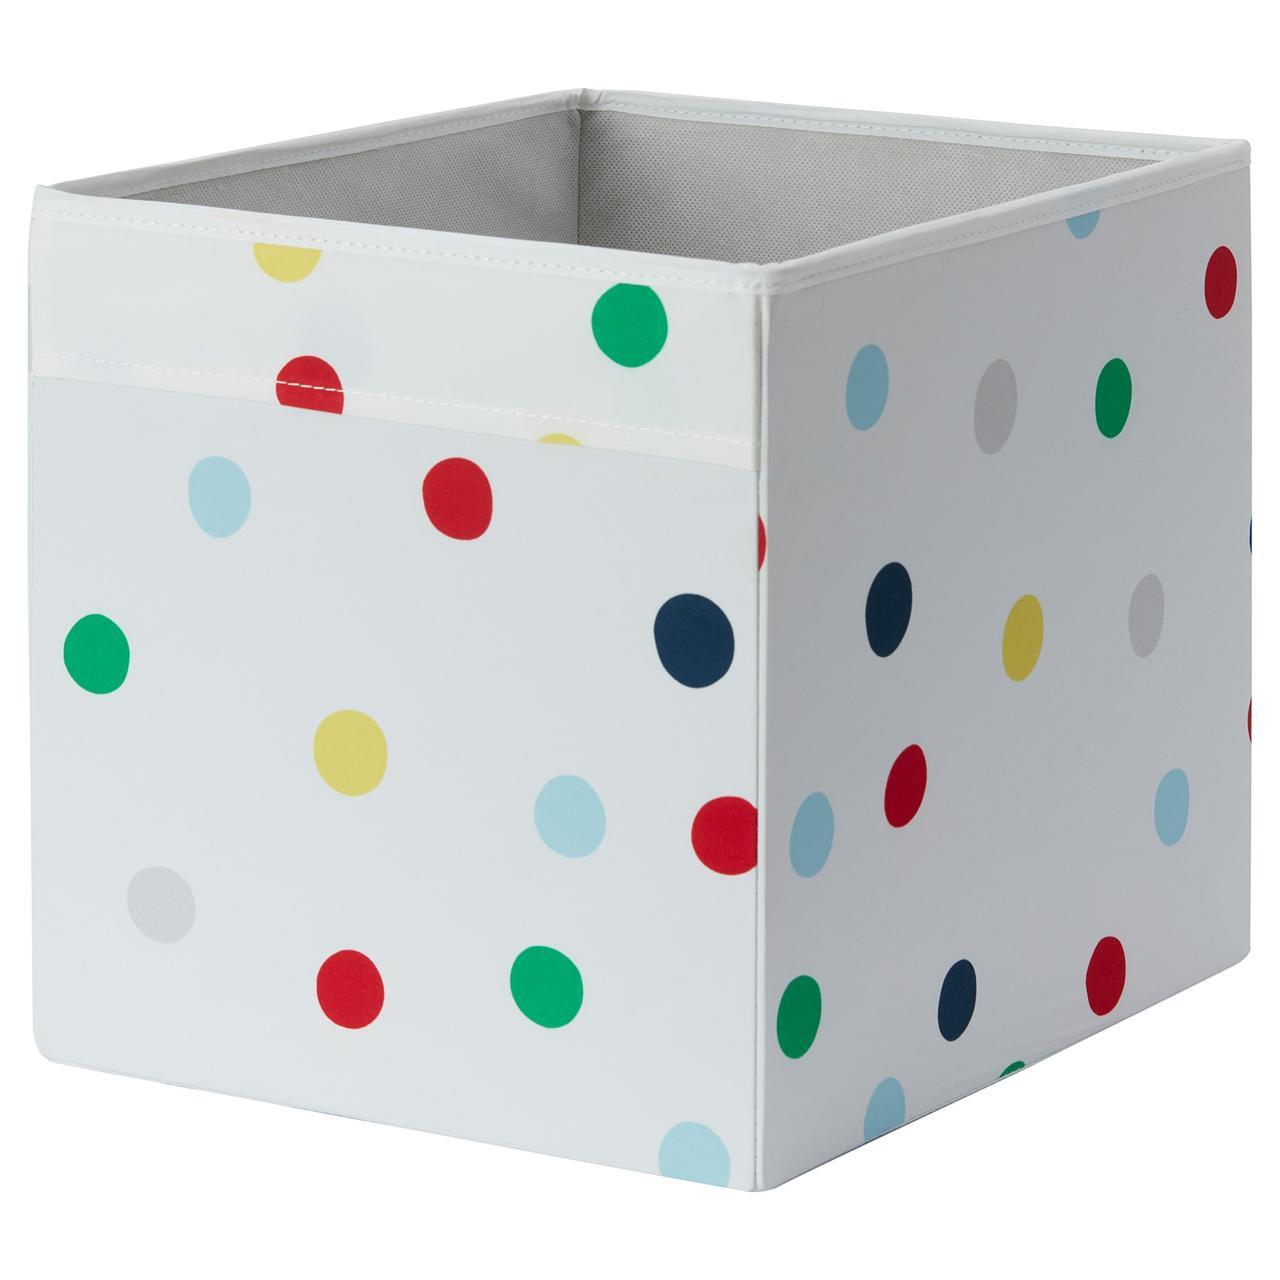 ДРЁНА Ящик, белый, разноцветные точки, 33x38x33 см, 60399515, IKEA, ИКЕА, DRONA